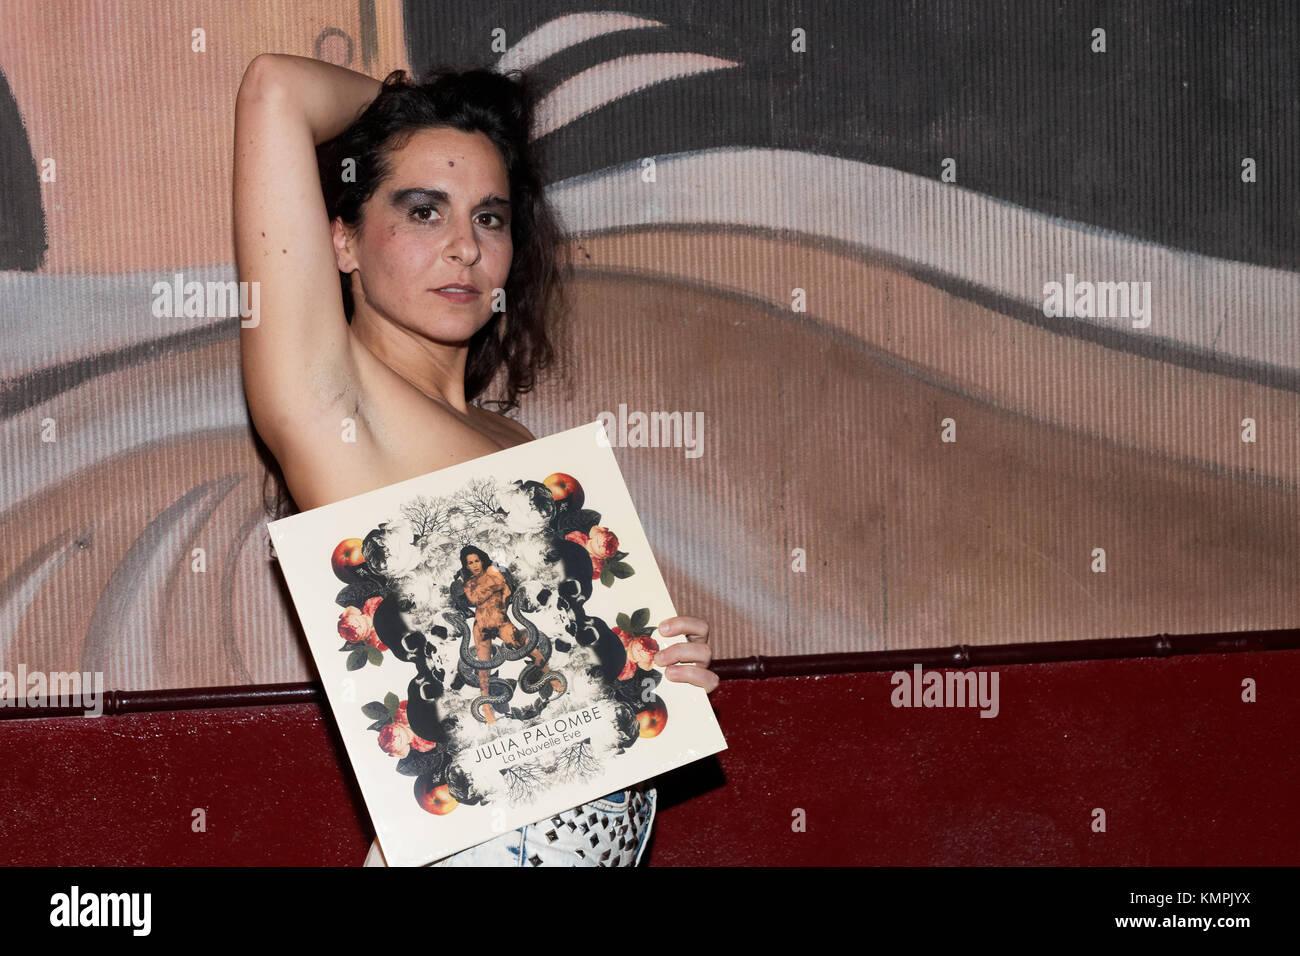 Paris, France. 6th Dec, 2017. Julia Palombe performs at La Boule noire for the release of her new album 'La - Stock Image